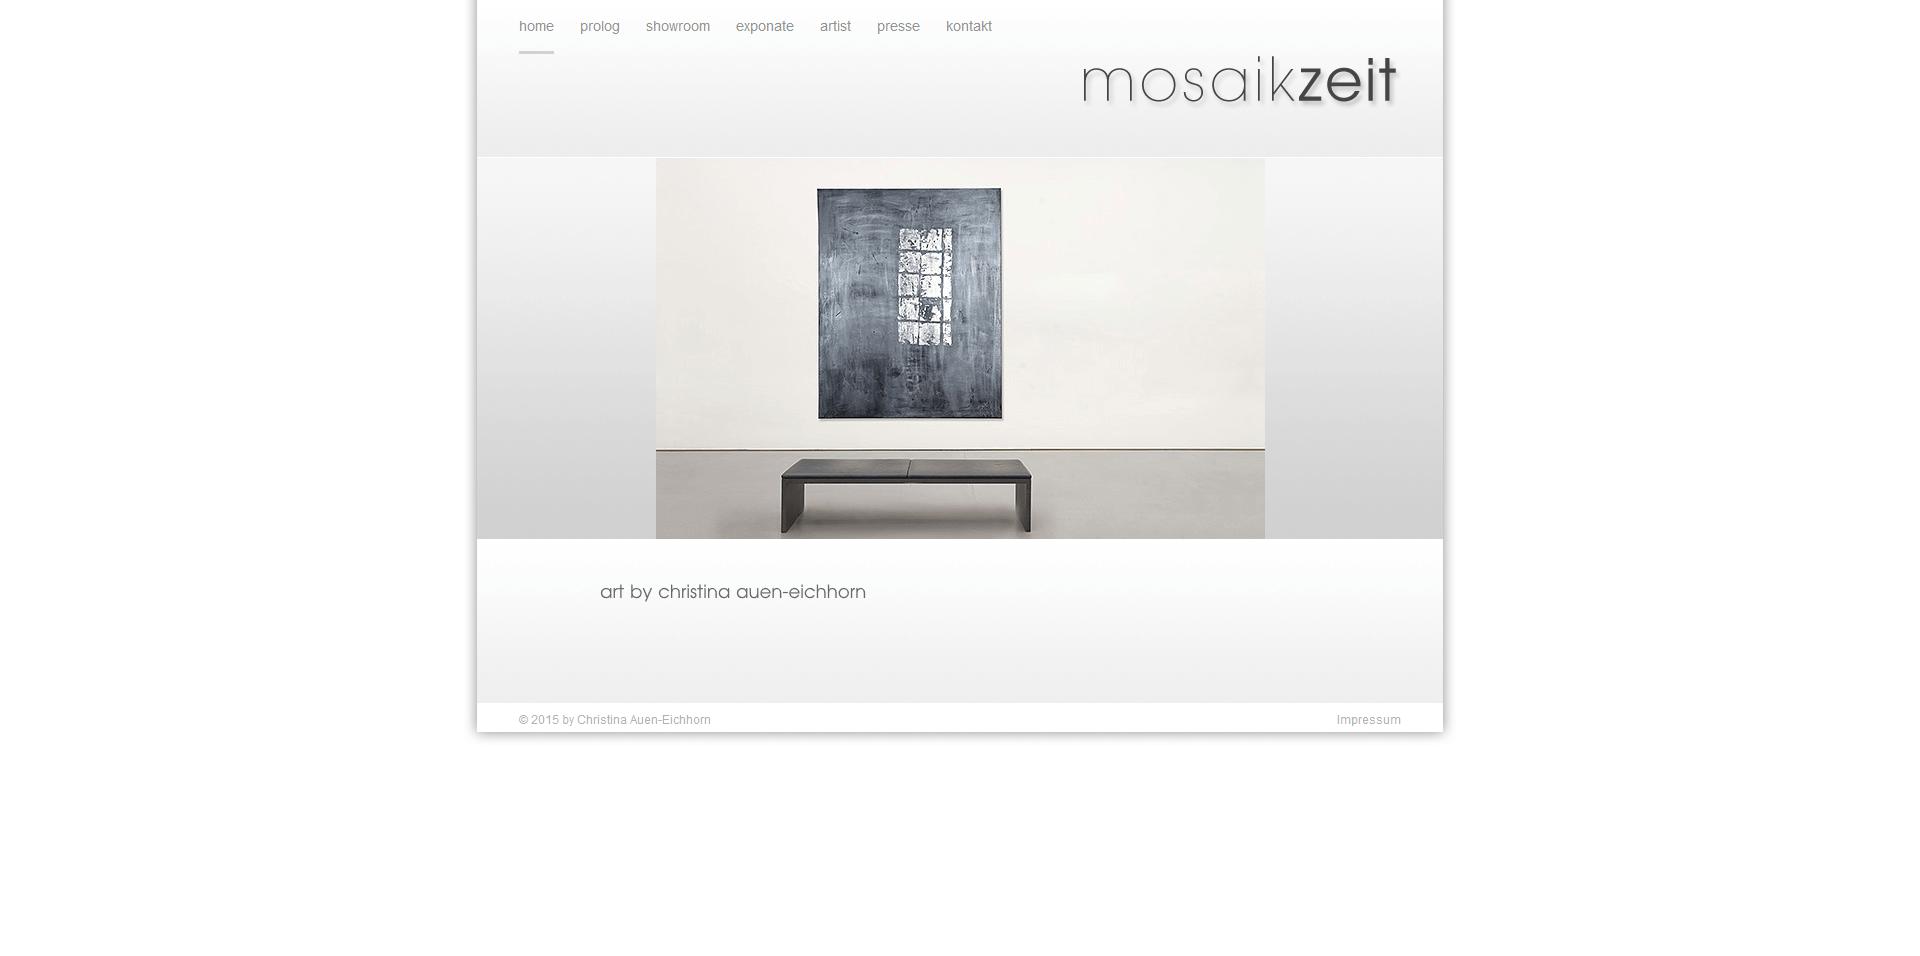 186-mosaikzeit_1